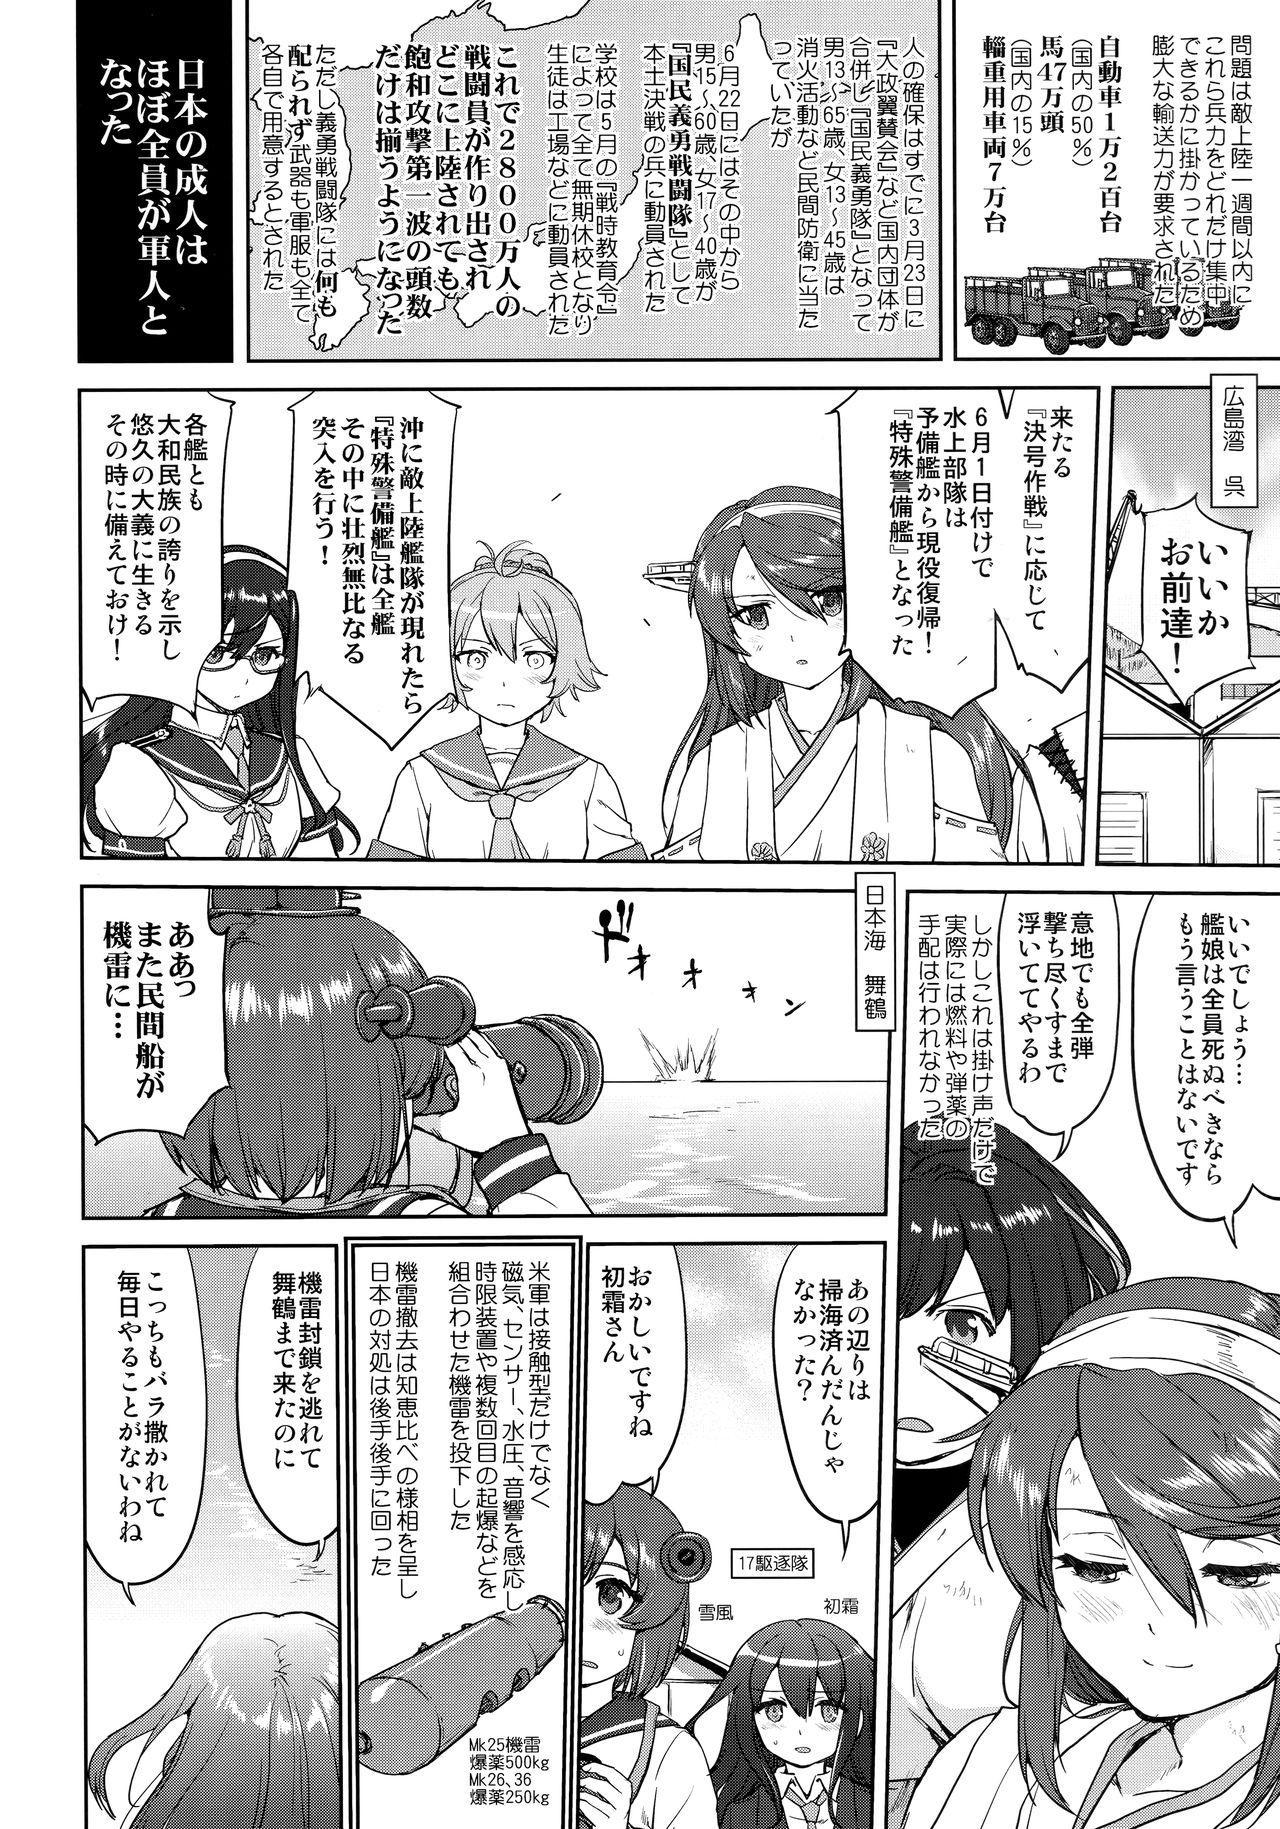 Teitoku no Ketsudan Kanmusu no Ichiban Nagai Hi 32